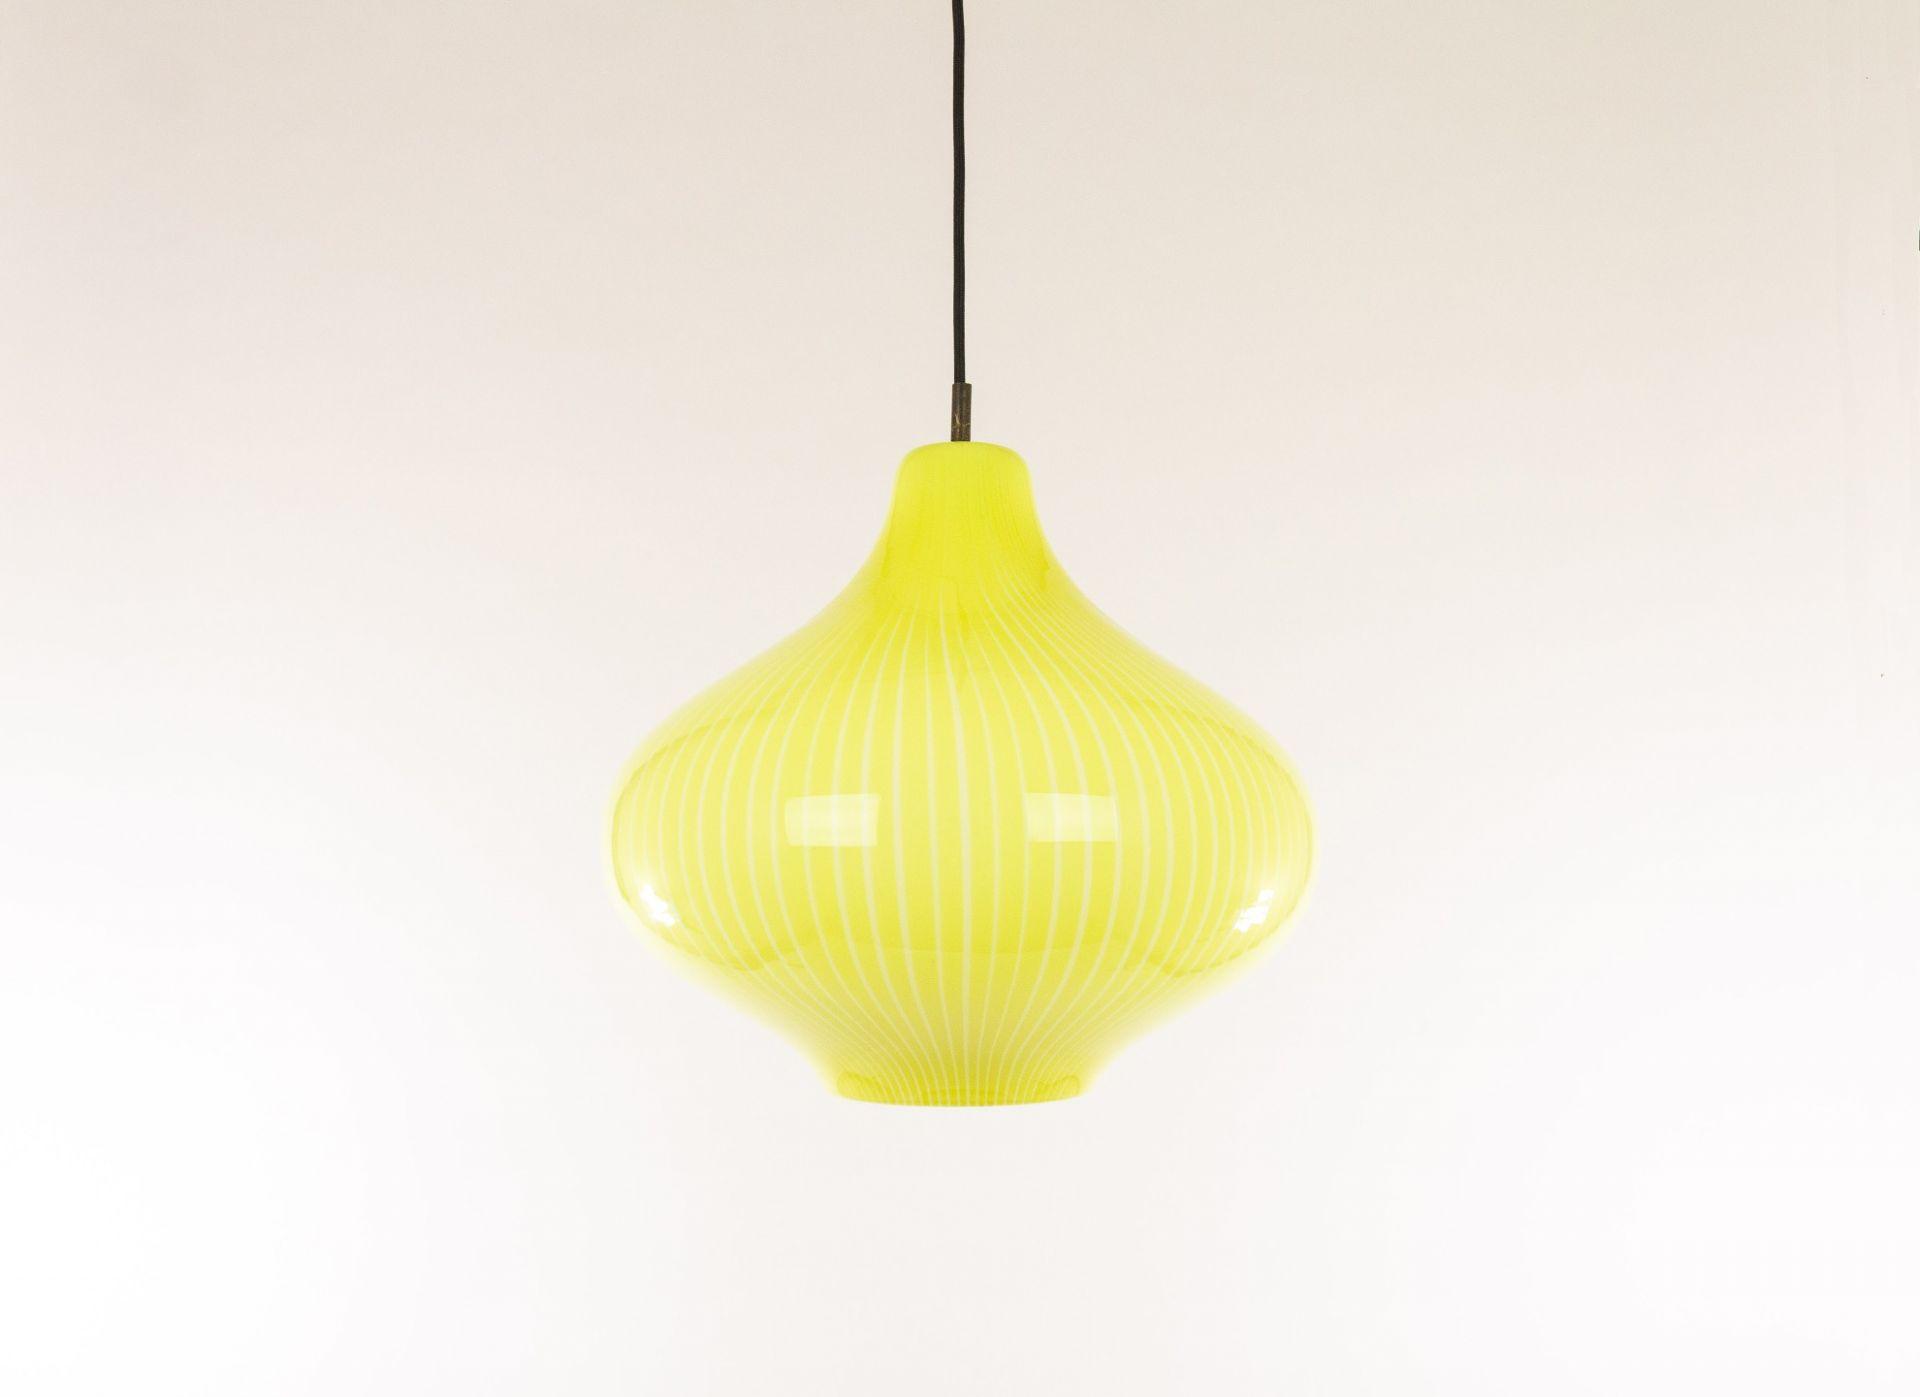 Hand-blown yellow Cipolla Murano glass pendant by Massimo Vignelli for Venini, 1